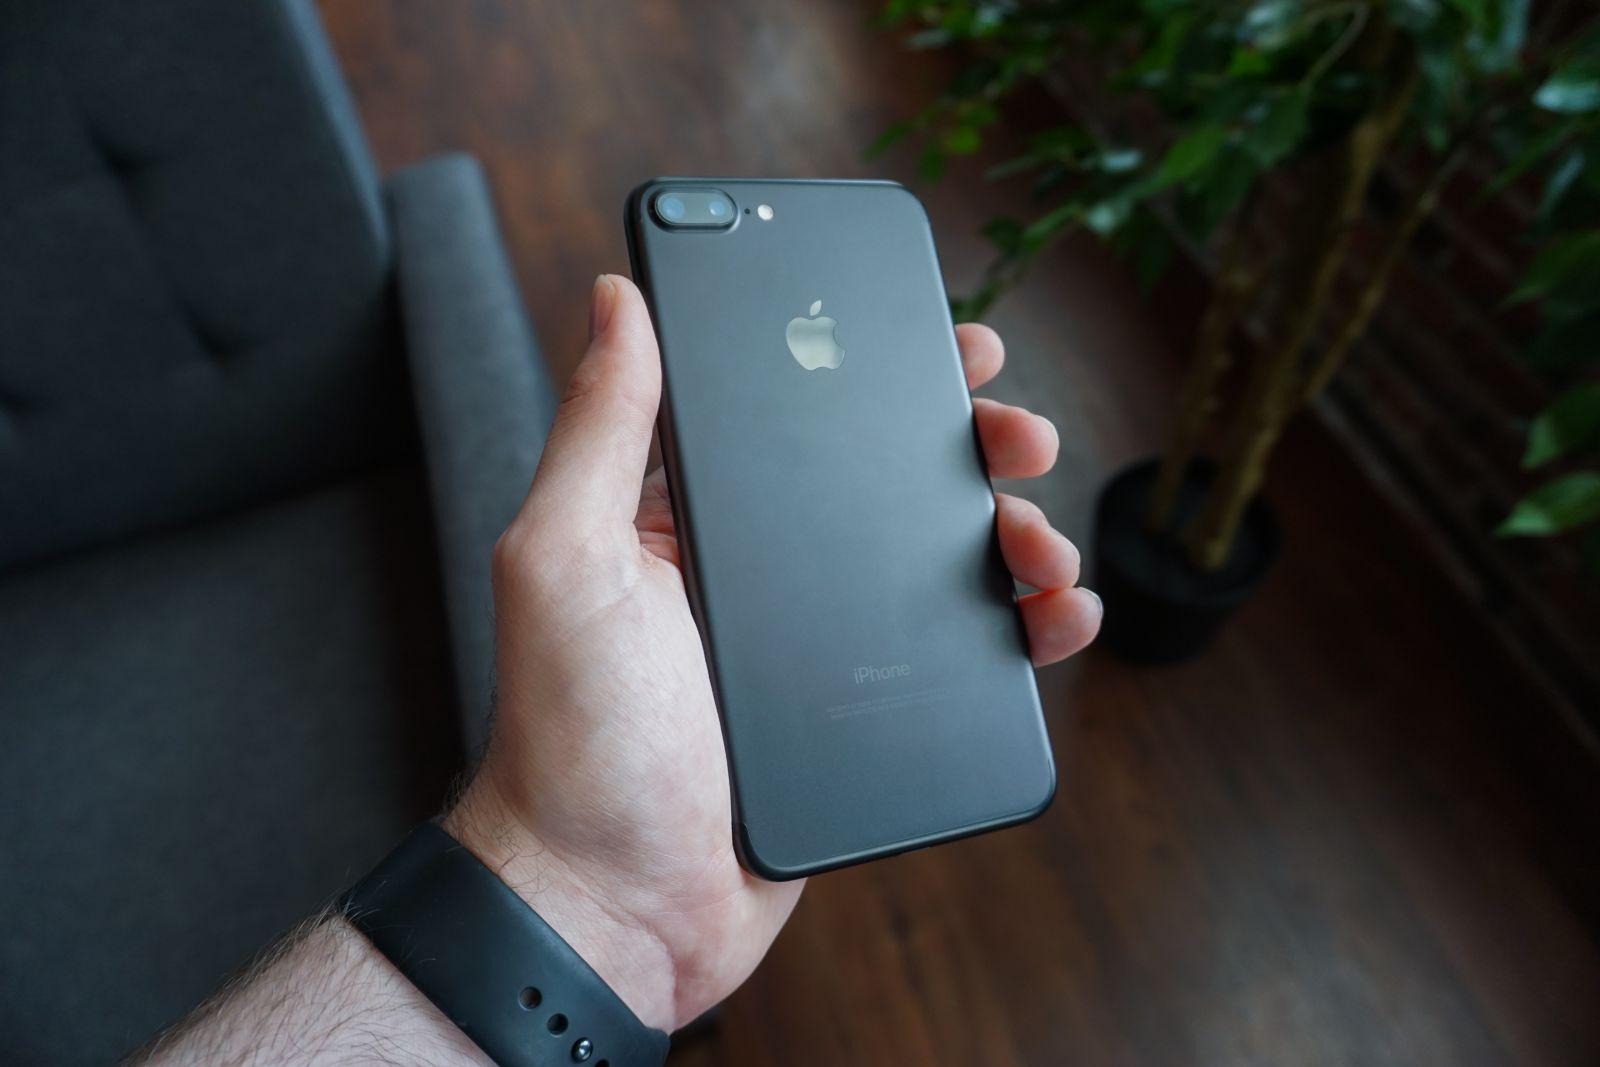 Mua iPhone 7 Plus tại Bảo Anh Mobile tphcm yên tâm về giá cả?